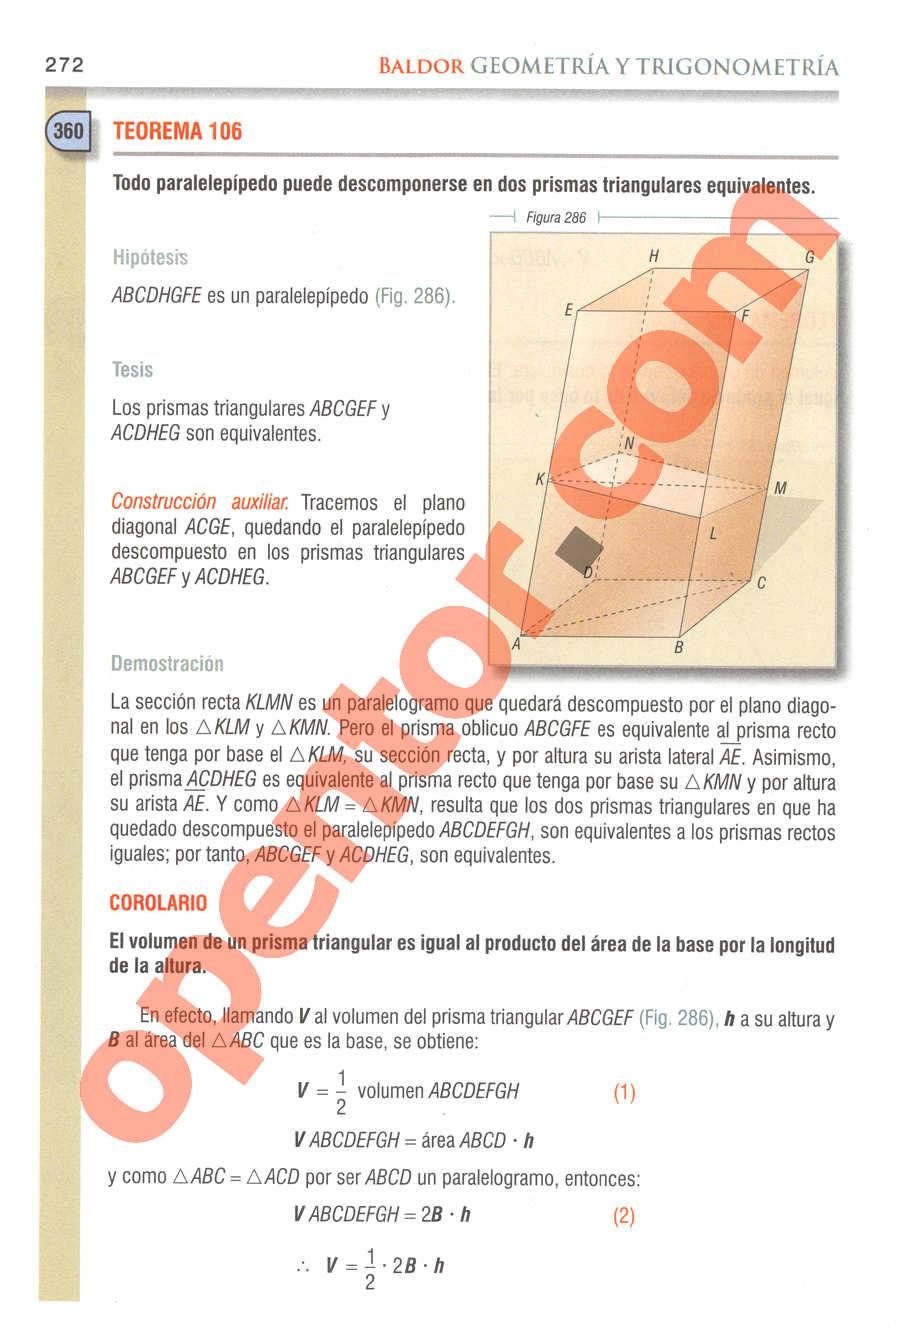 Geometría y Trigonometría de Baldor - Página 272